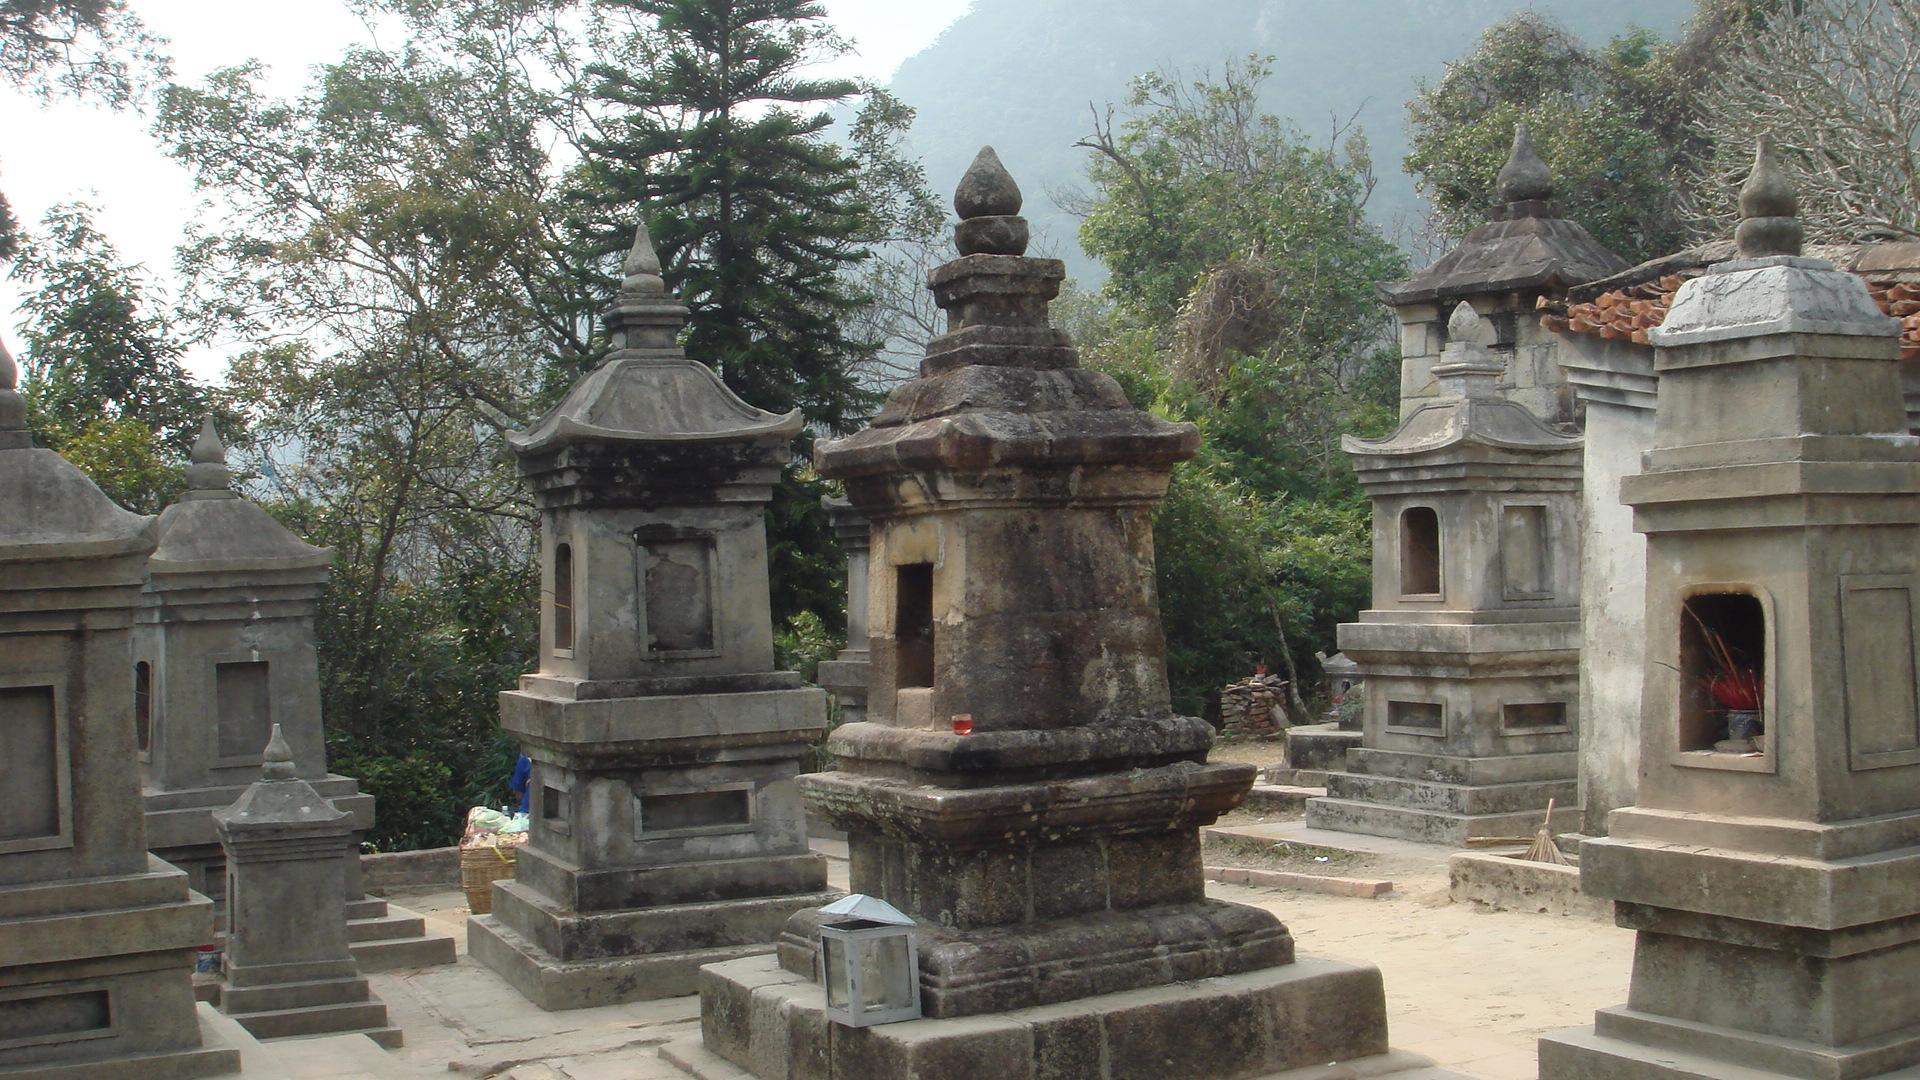 Vườn tháp Huệ Quang, nơi lưu giữ các di tích tháp mộ của các Thiền sư, tăng, ni Thiền phái Trúc Lâm.